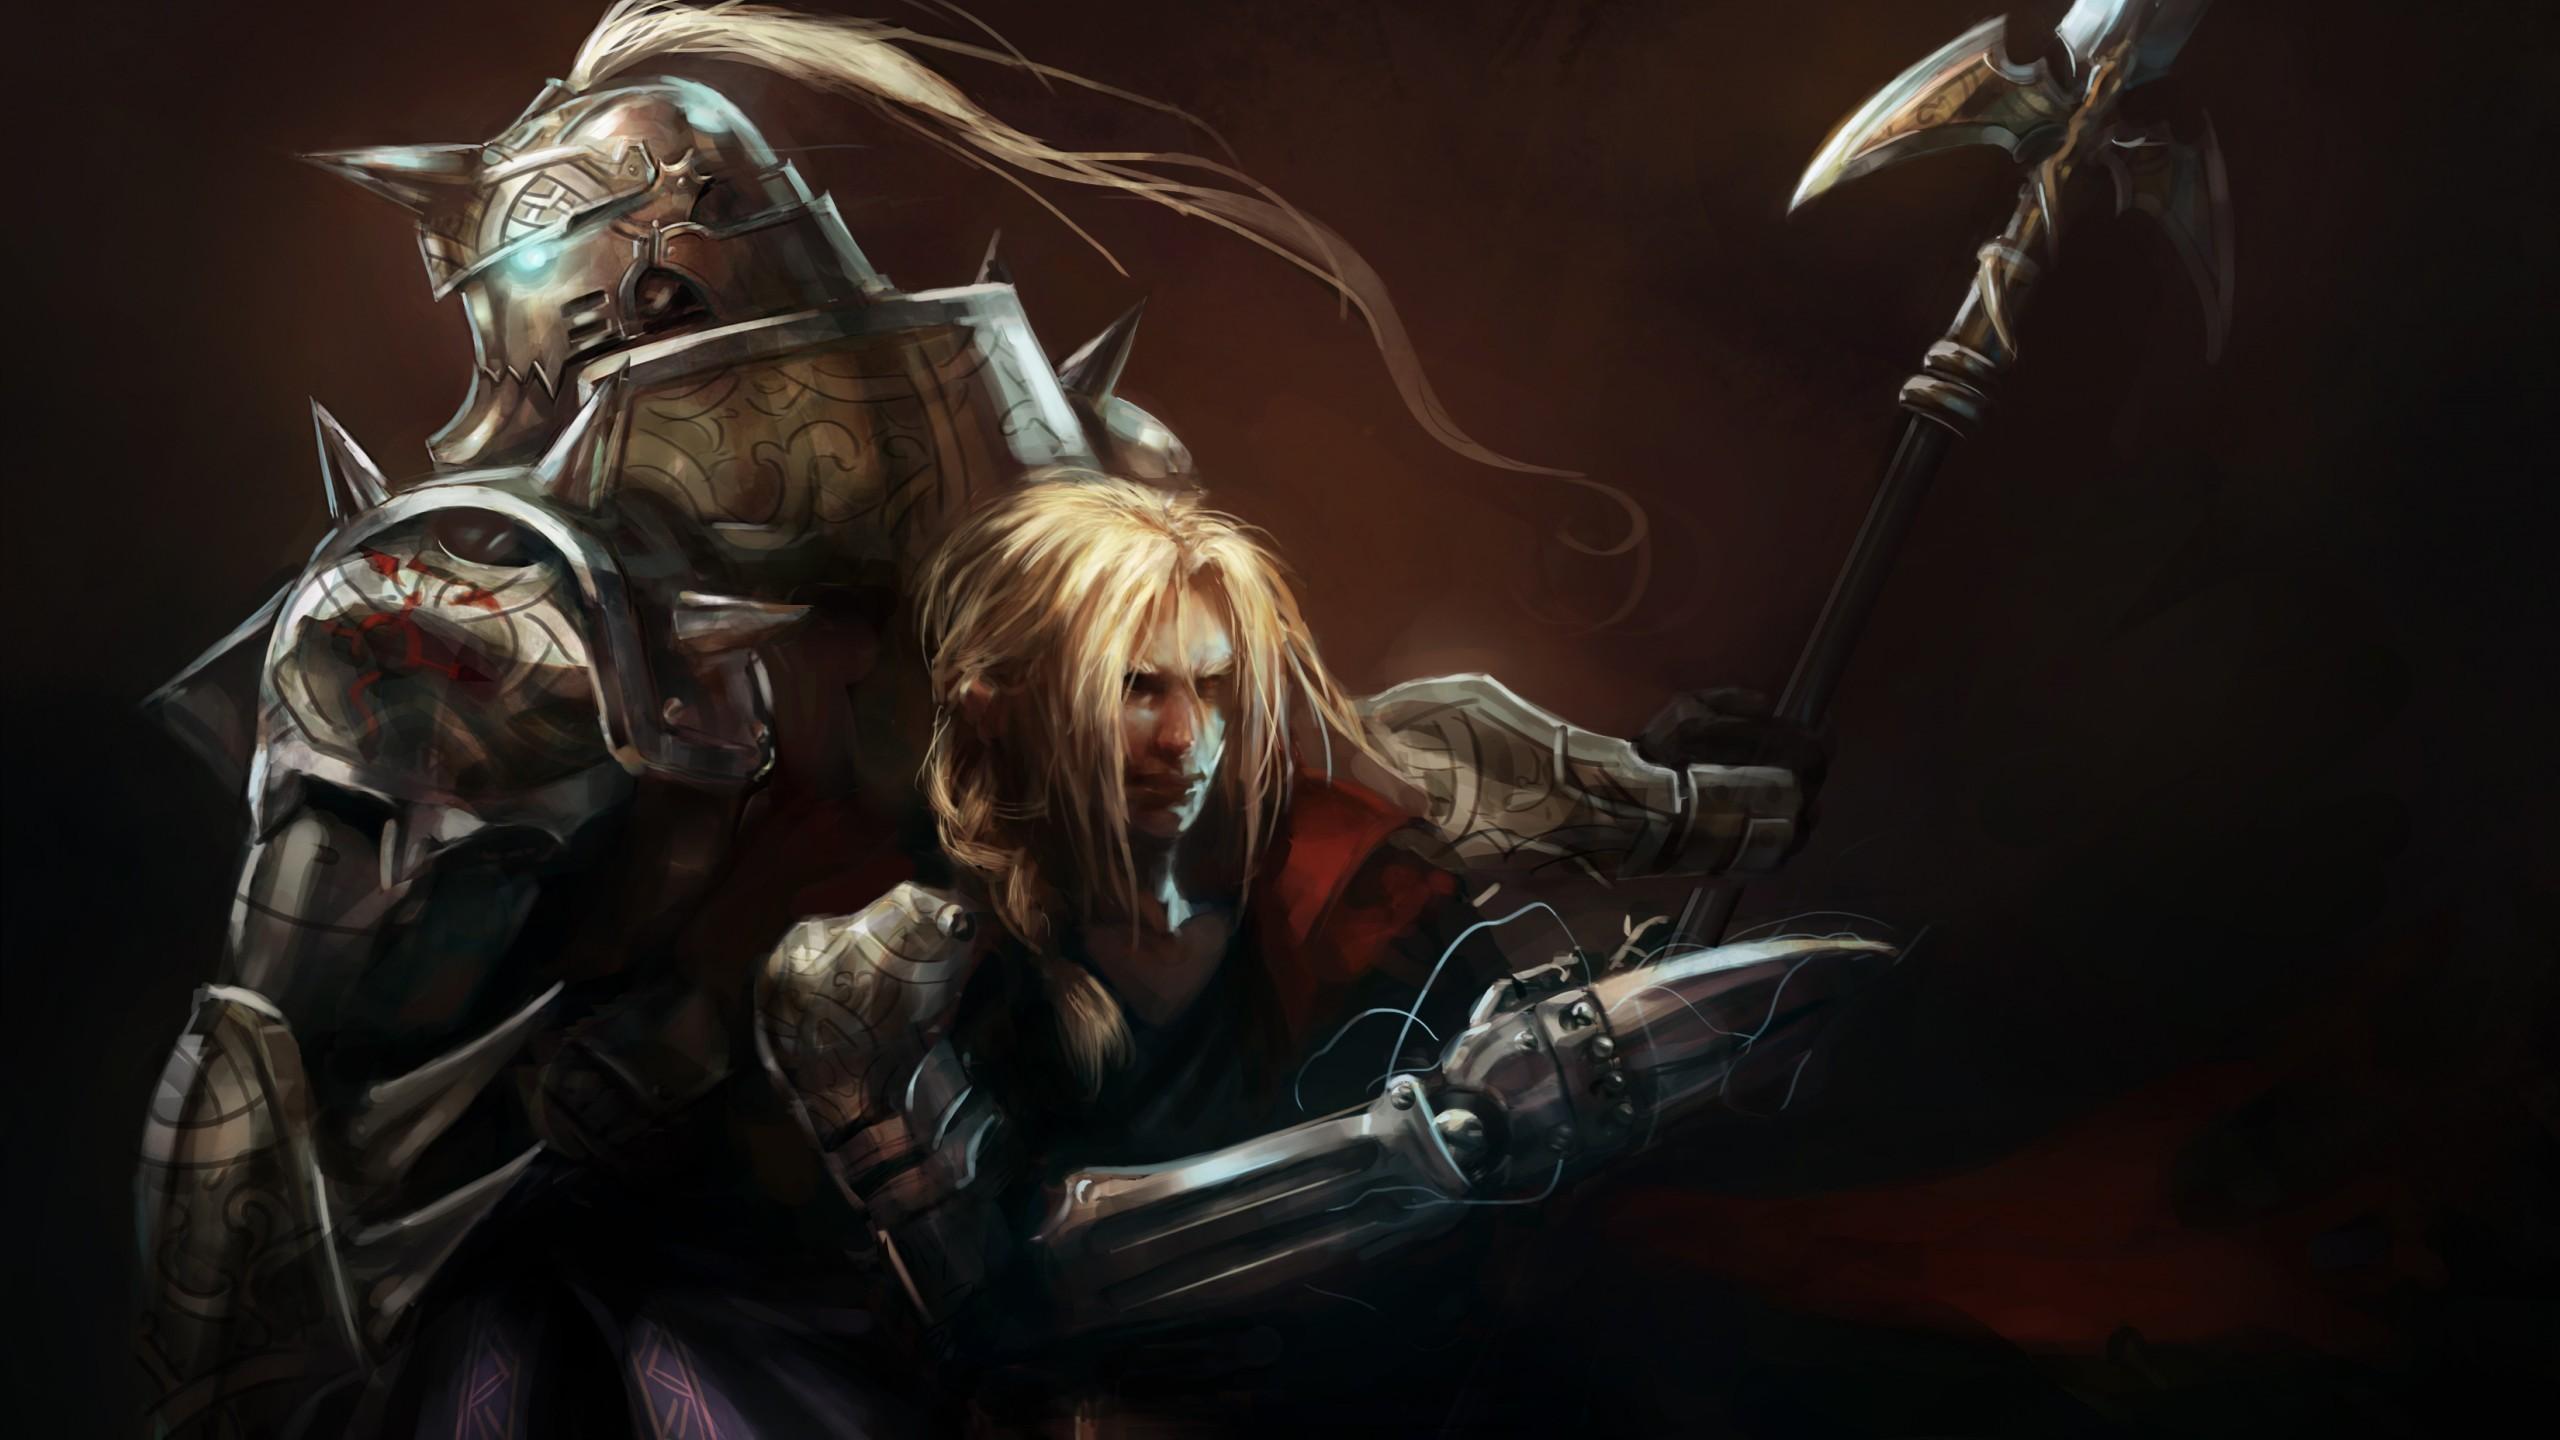 Fullmetal alchemist brotherhood edward elric wallpaper